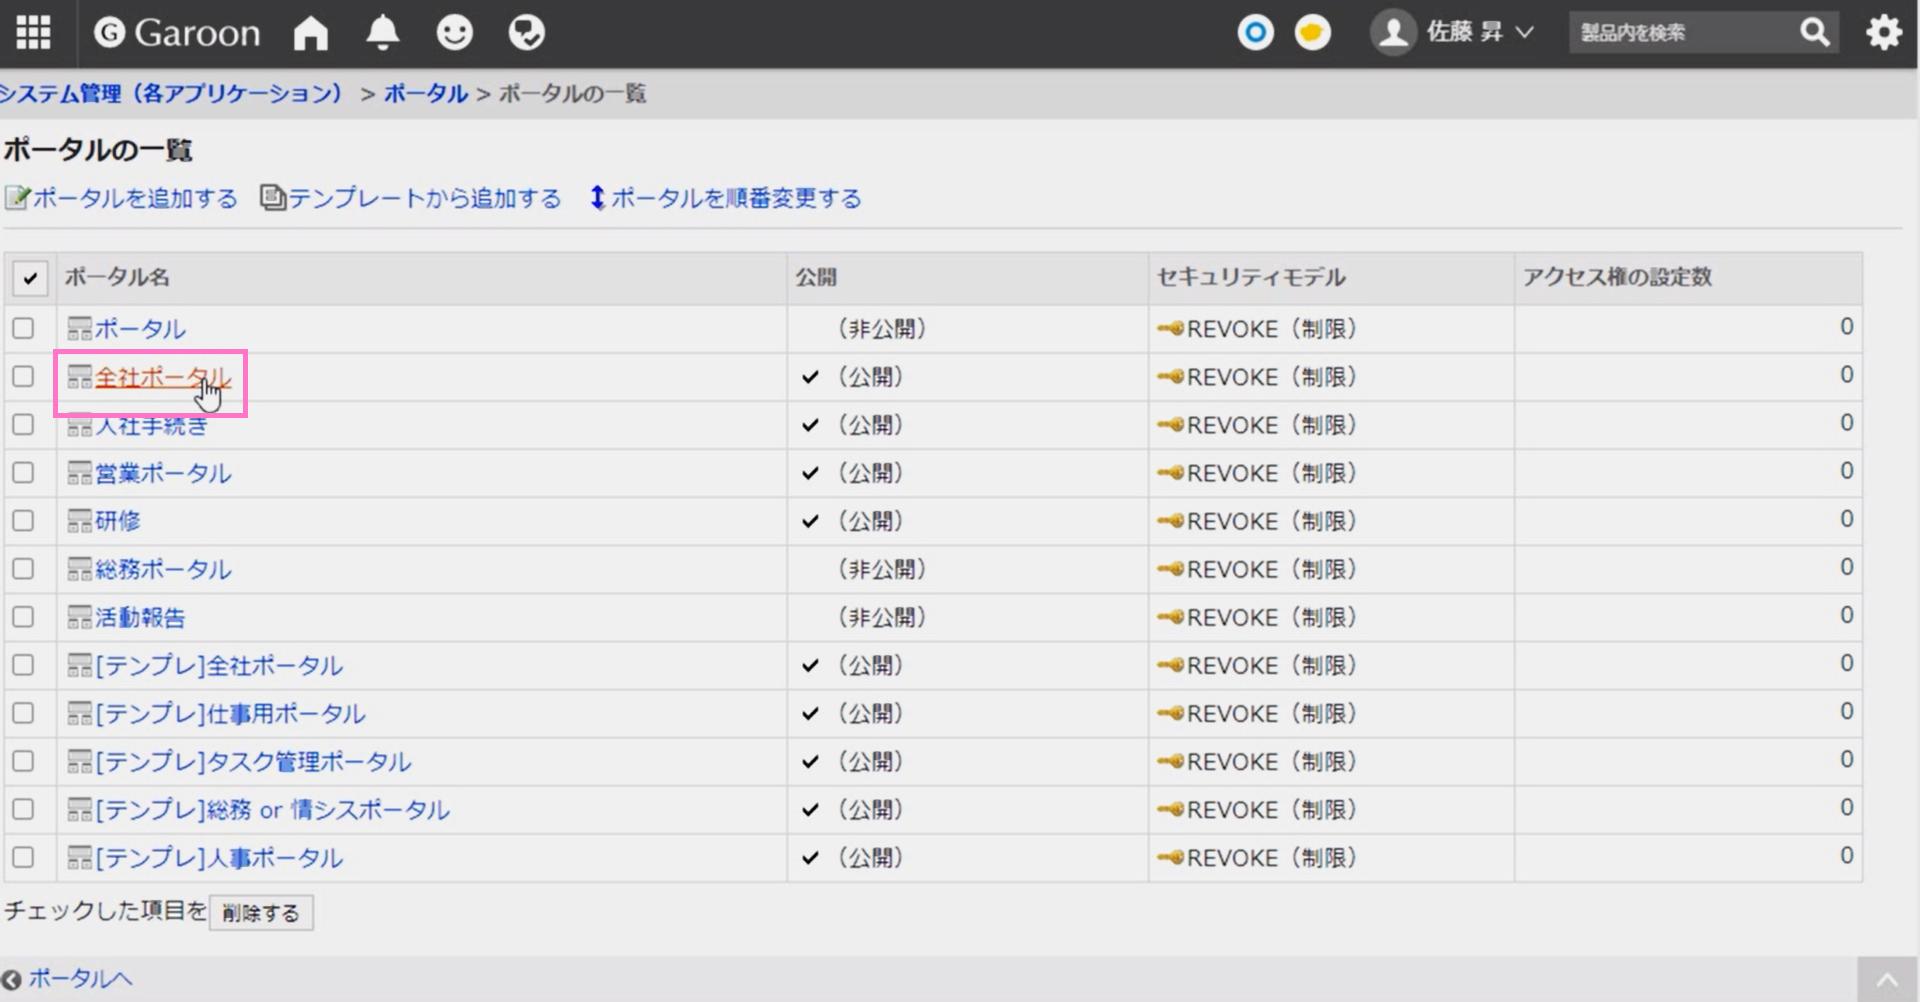 https://enterprise.cybozu.co.jp/fd65646dc9a60ac7c0549b9b316529bc613489a2.png